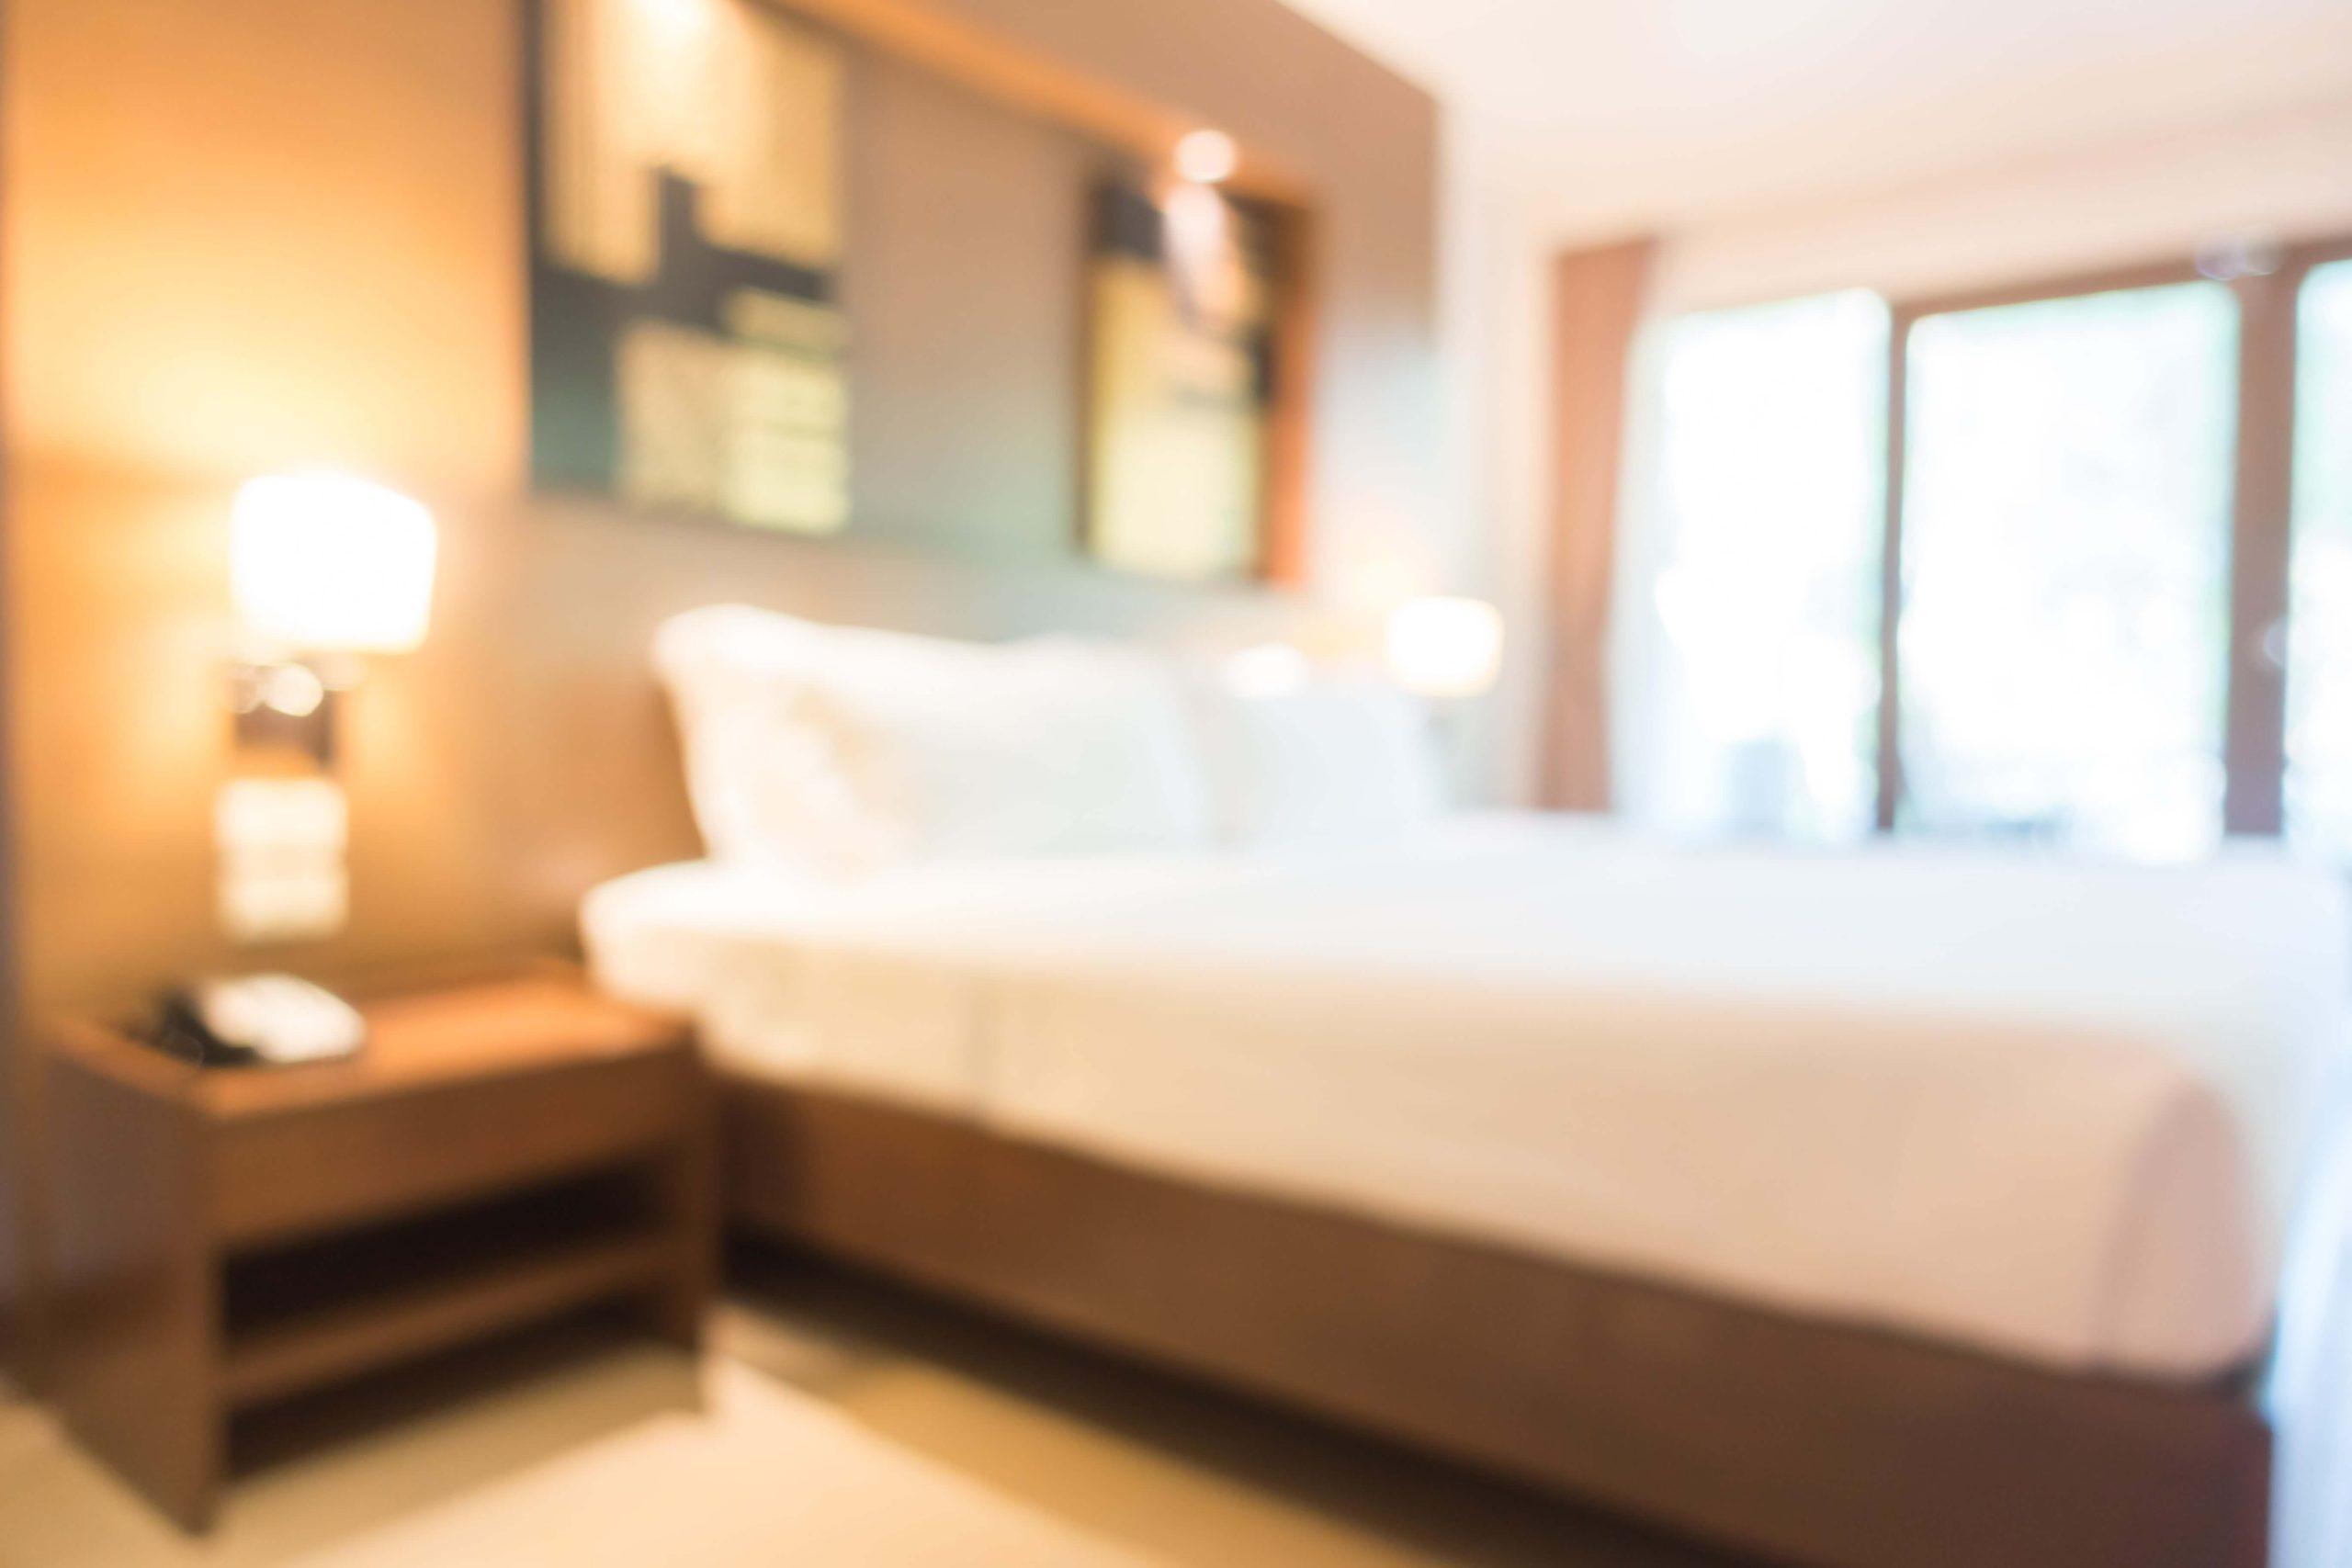 como-influye-iluminacion-decoracion-hotel